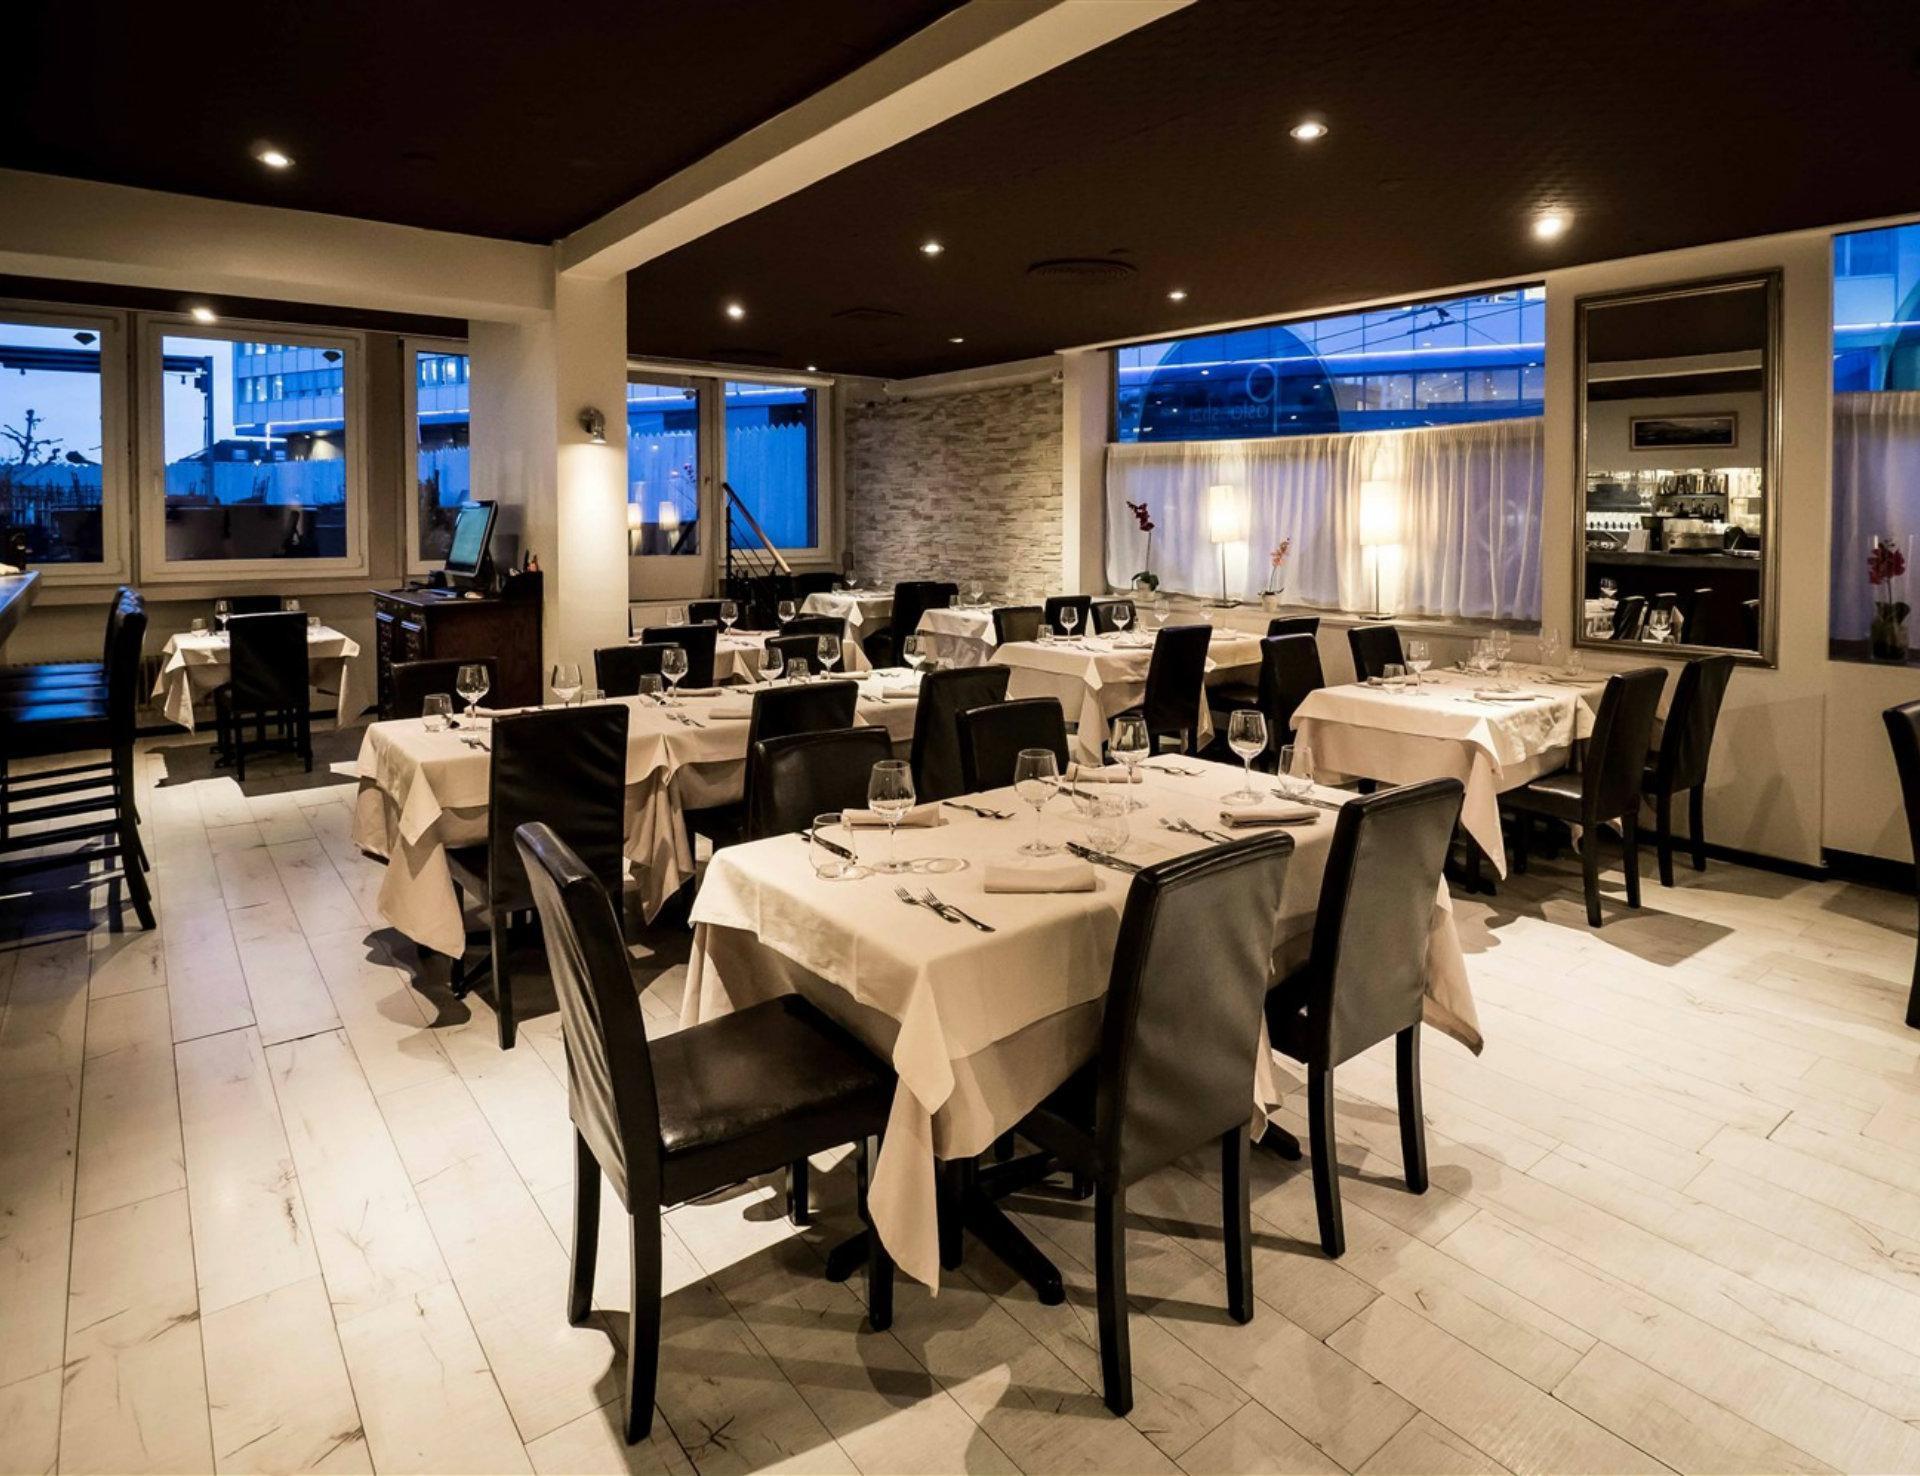 De la gastronomie à l'italienne